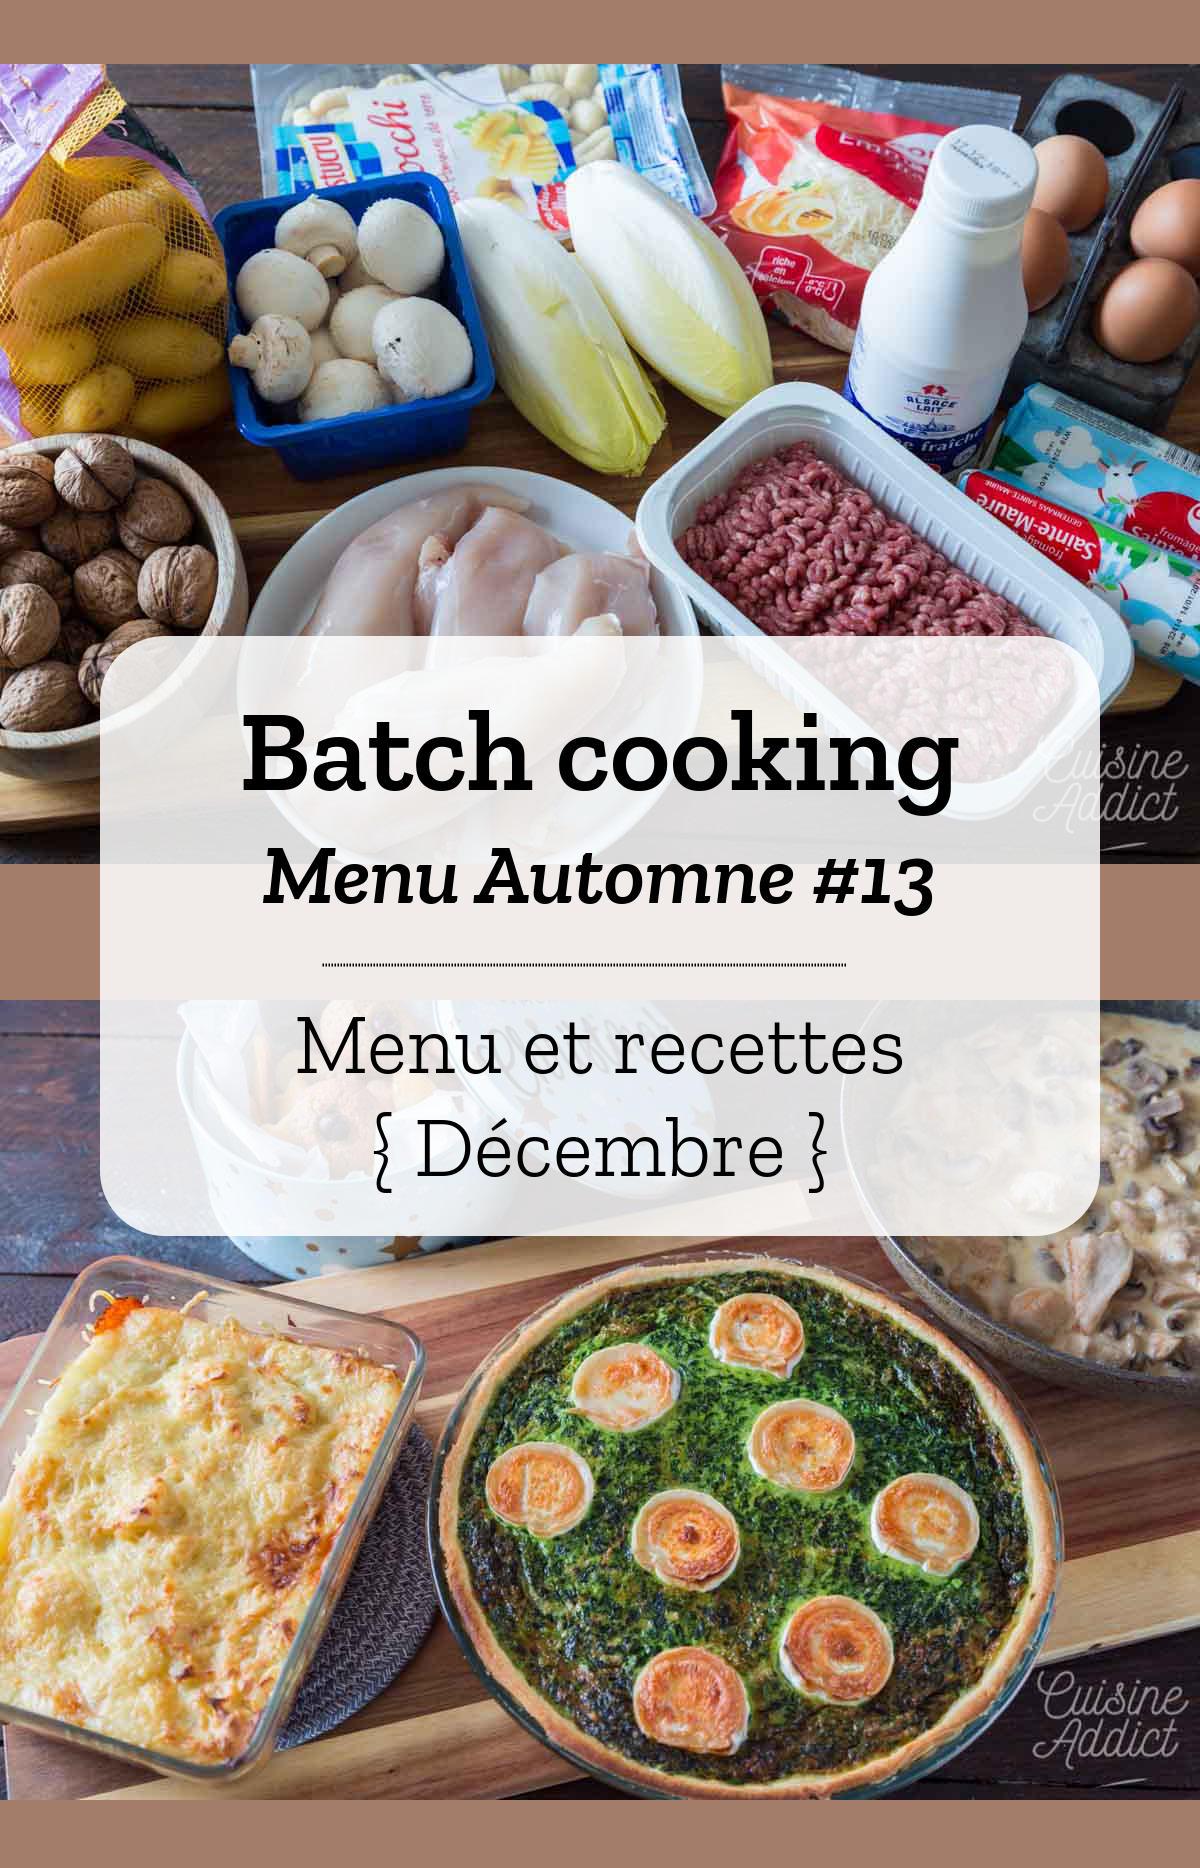 Batch cooking Automne #13 - Mois de Décembre - Semaine 51